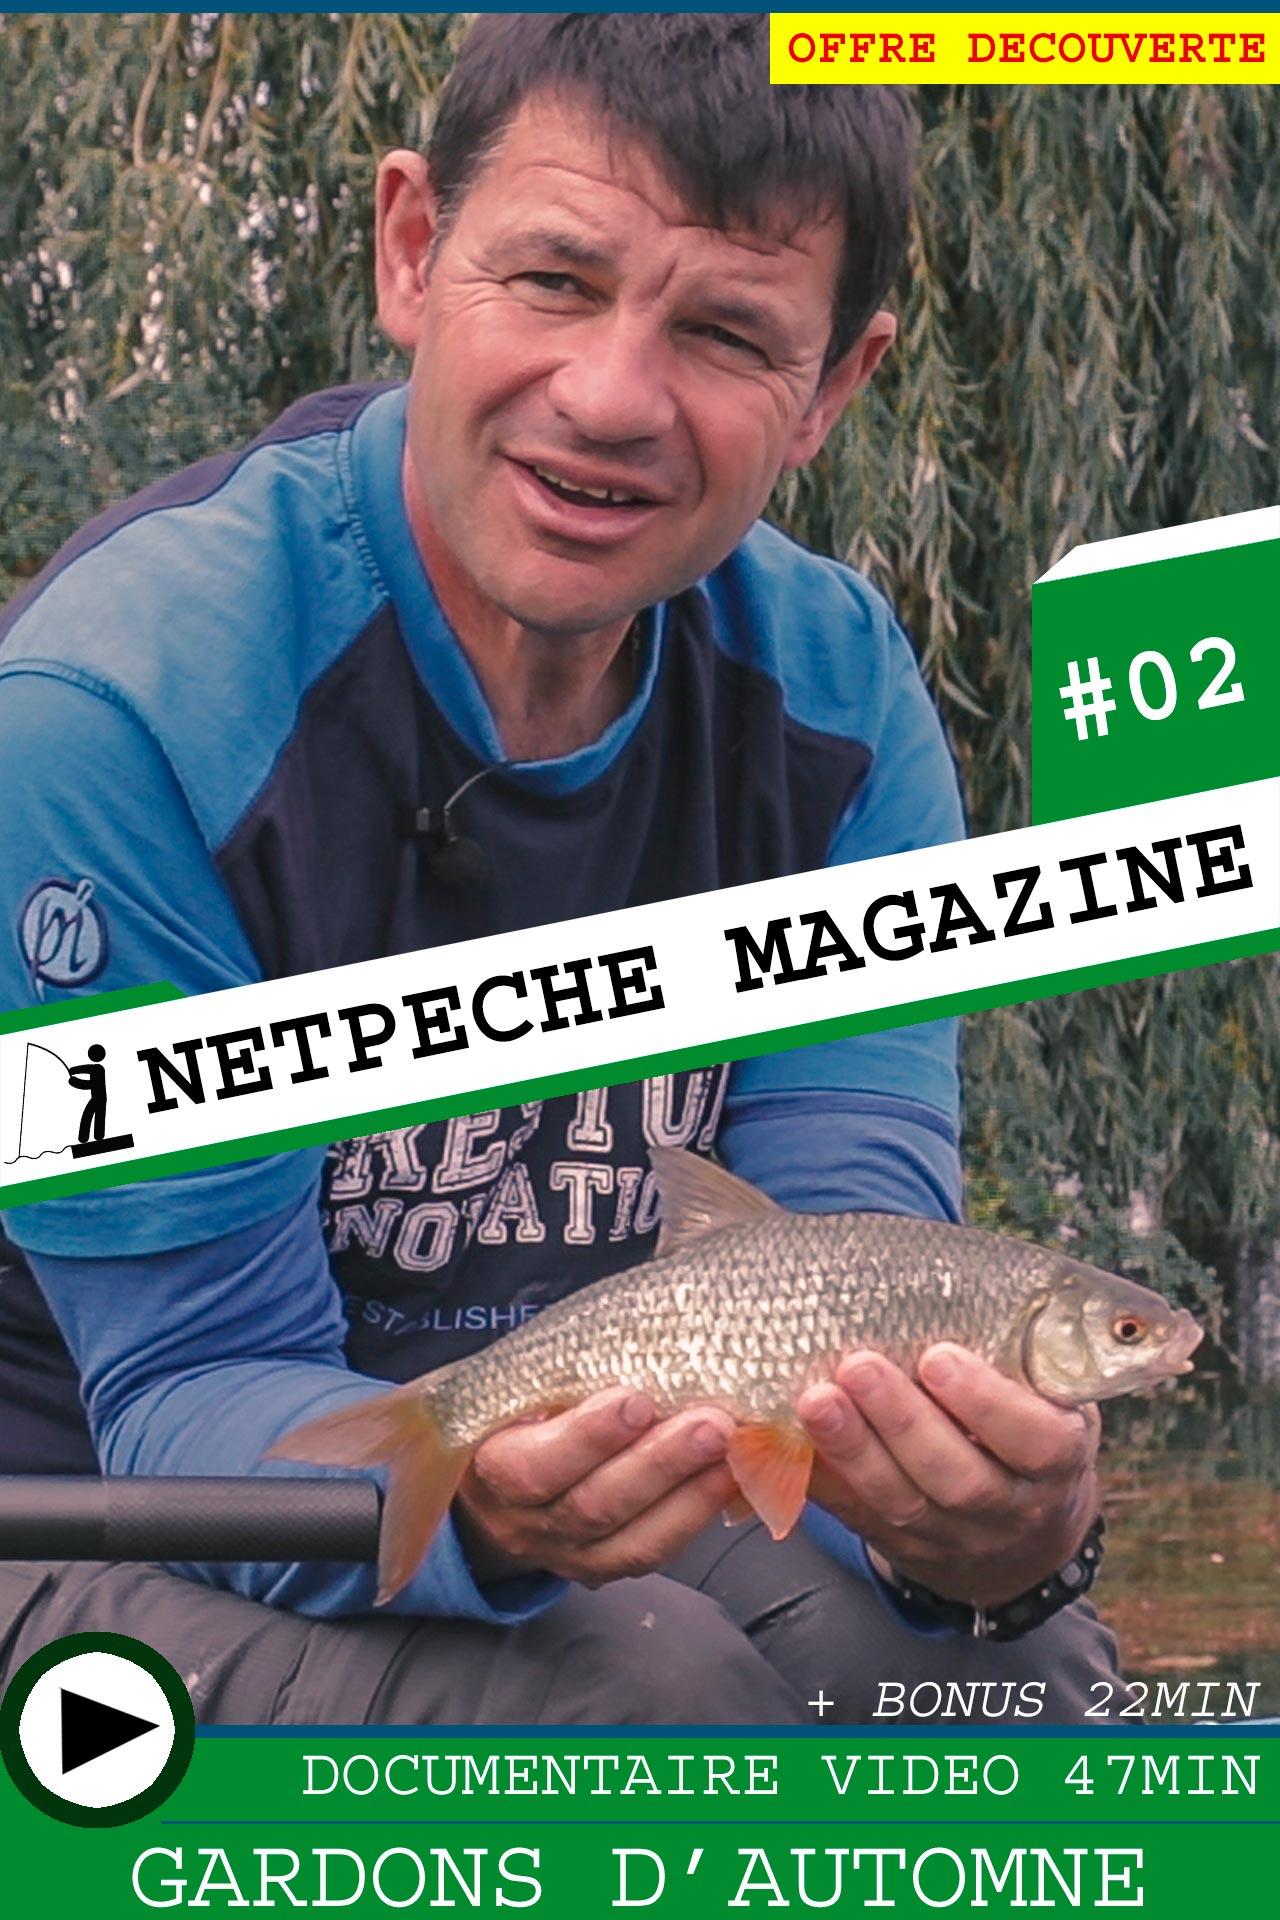 Netpeche magazine 2 p che au coup de gardons aux pellets avec didier delannoy - Video peche au coup en etang ...